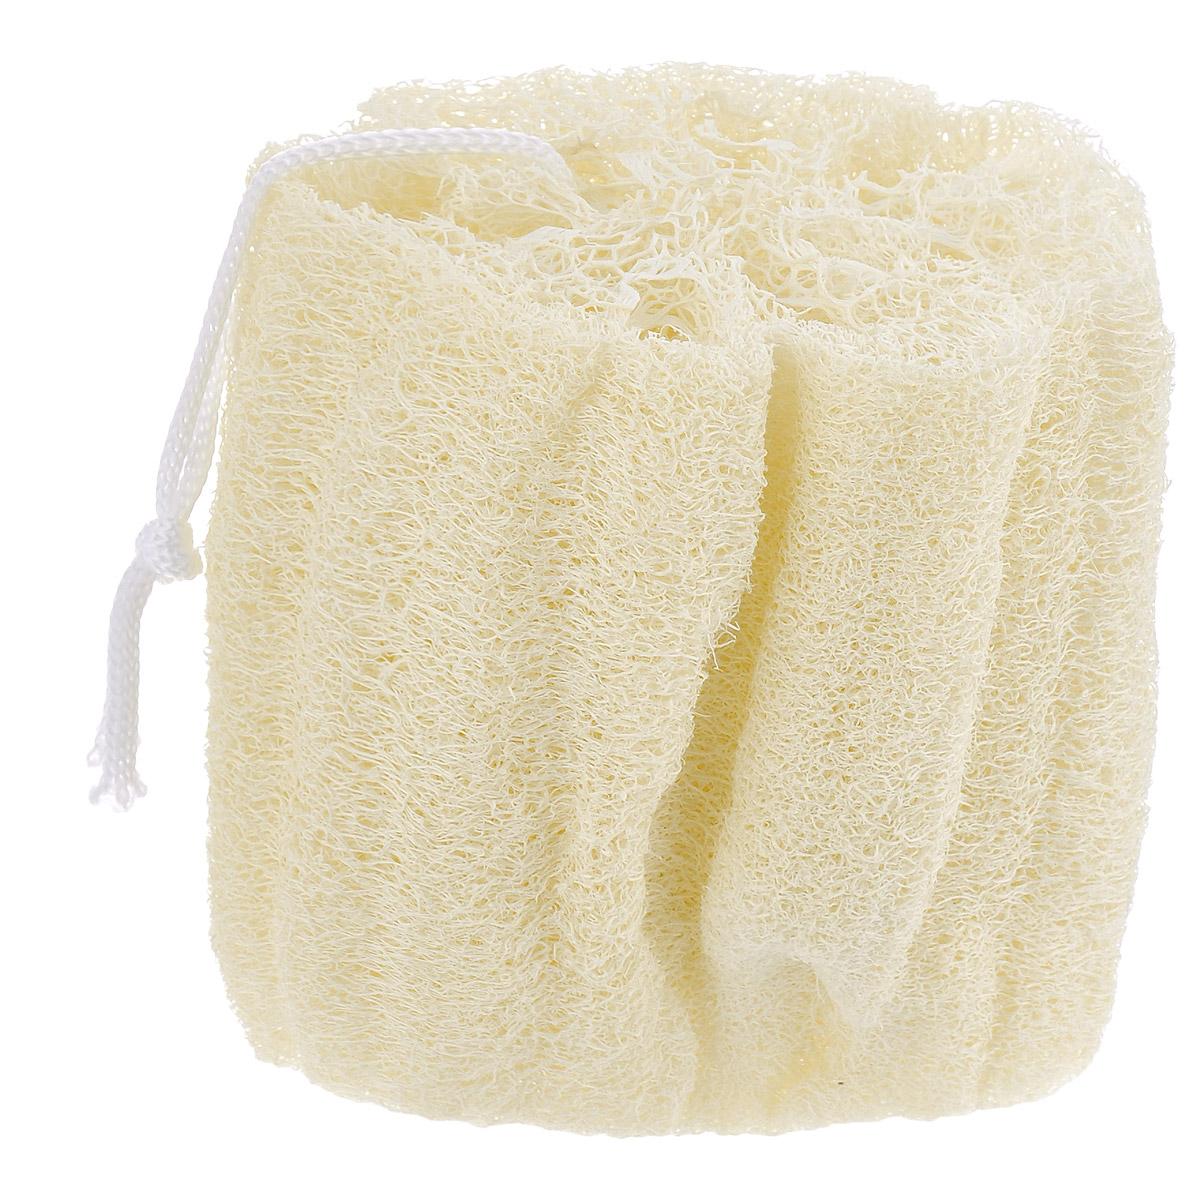 Мочалка из люфы Eva. М22SC-FM20101Натуральная мочалка с петлей Eva станет незаменимым аксессуаром ванной комнаты. Отлично пенится и быстро сохнет.Мочалка изготовлена из плодов люфы, благодаря чему она сохраняет все ценные свойства этого растения. Мочалка обладает массажным эффектом, она эффективно тонизирует и очищает кожу. Идеальна для профилактики и борьбы с целлюлитом. Подходит для всех типов кожи. Не вызывает аллергии.